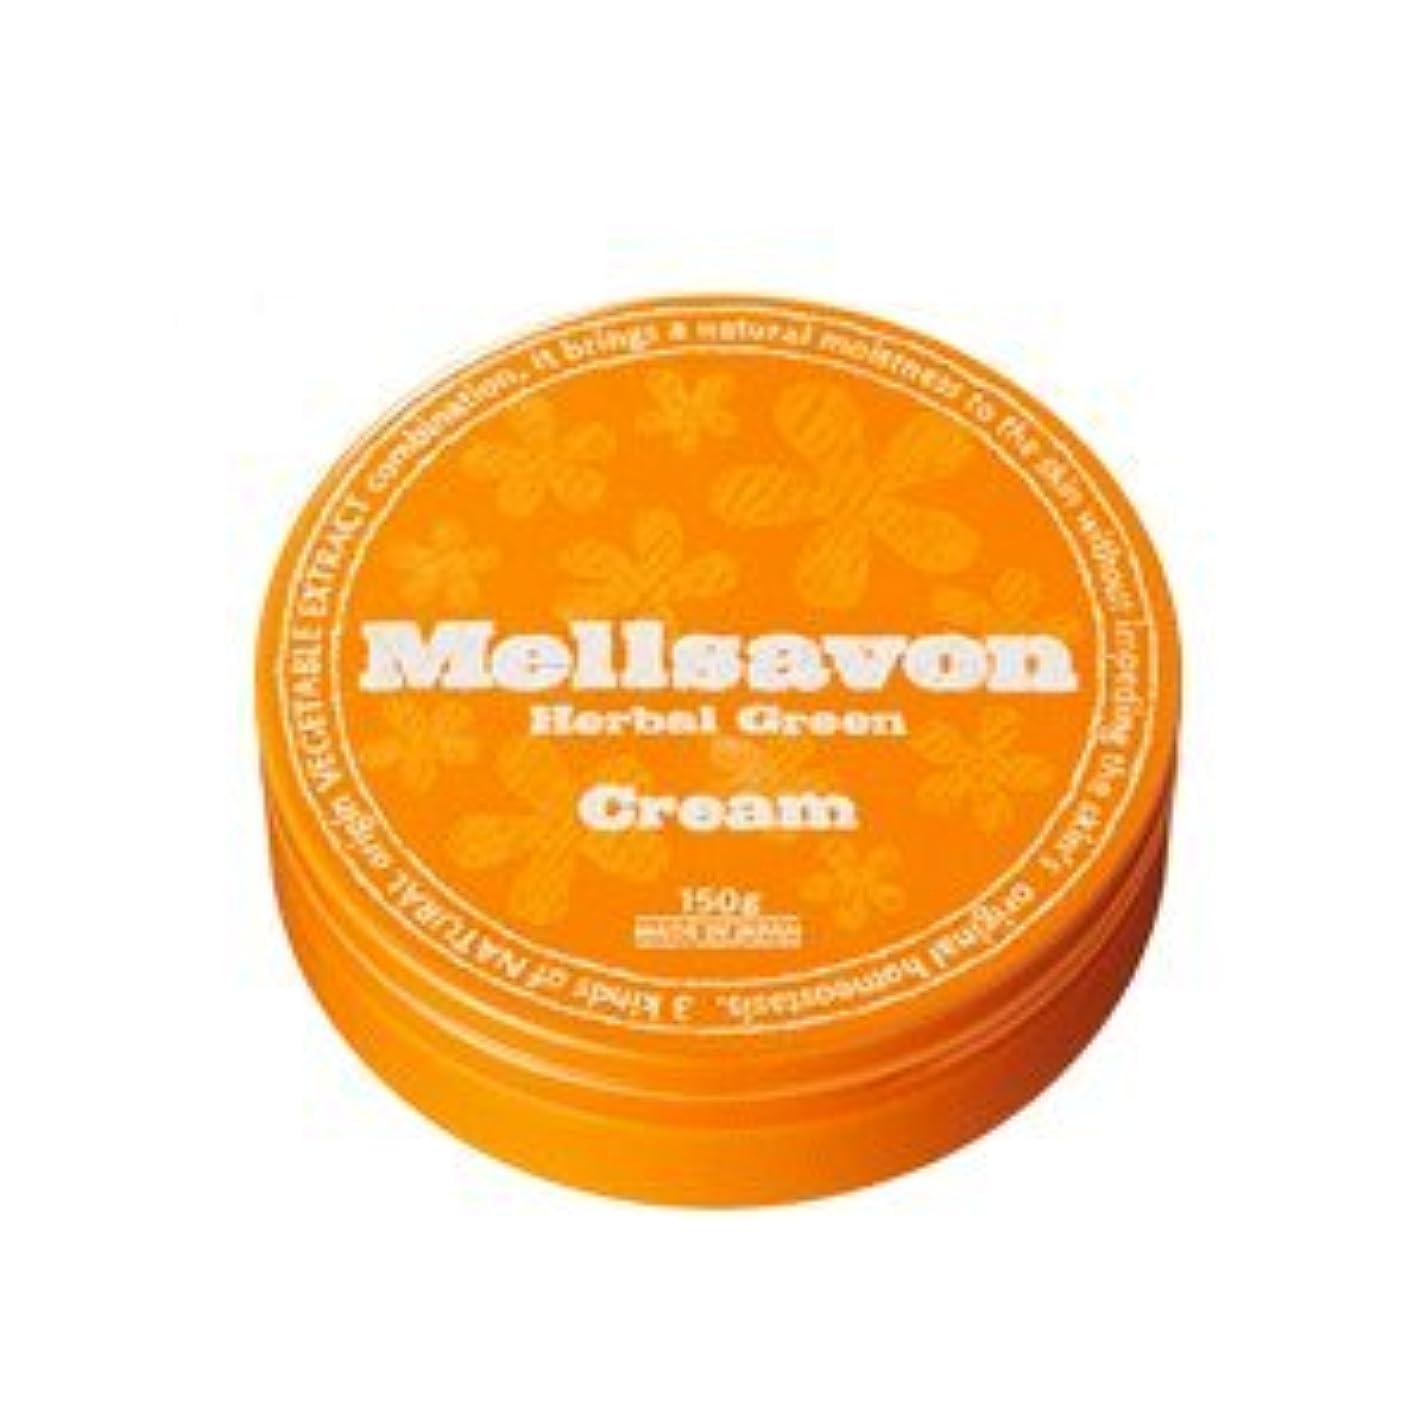 ファブリックテレビ飾るメルサボン スキンケアクリーム ハーバルグリーンの香り 中缶 65g